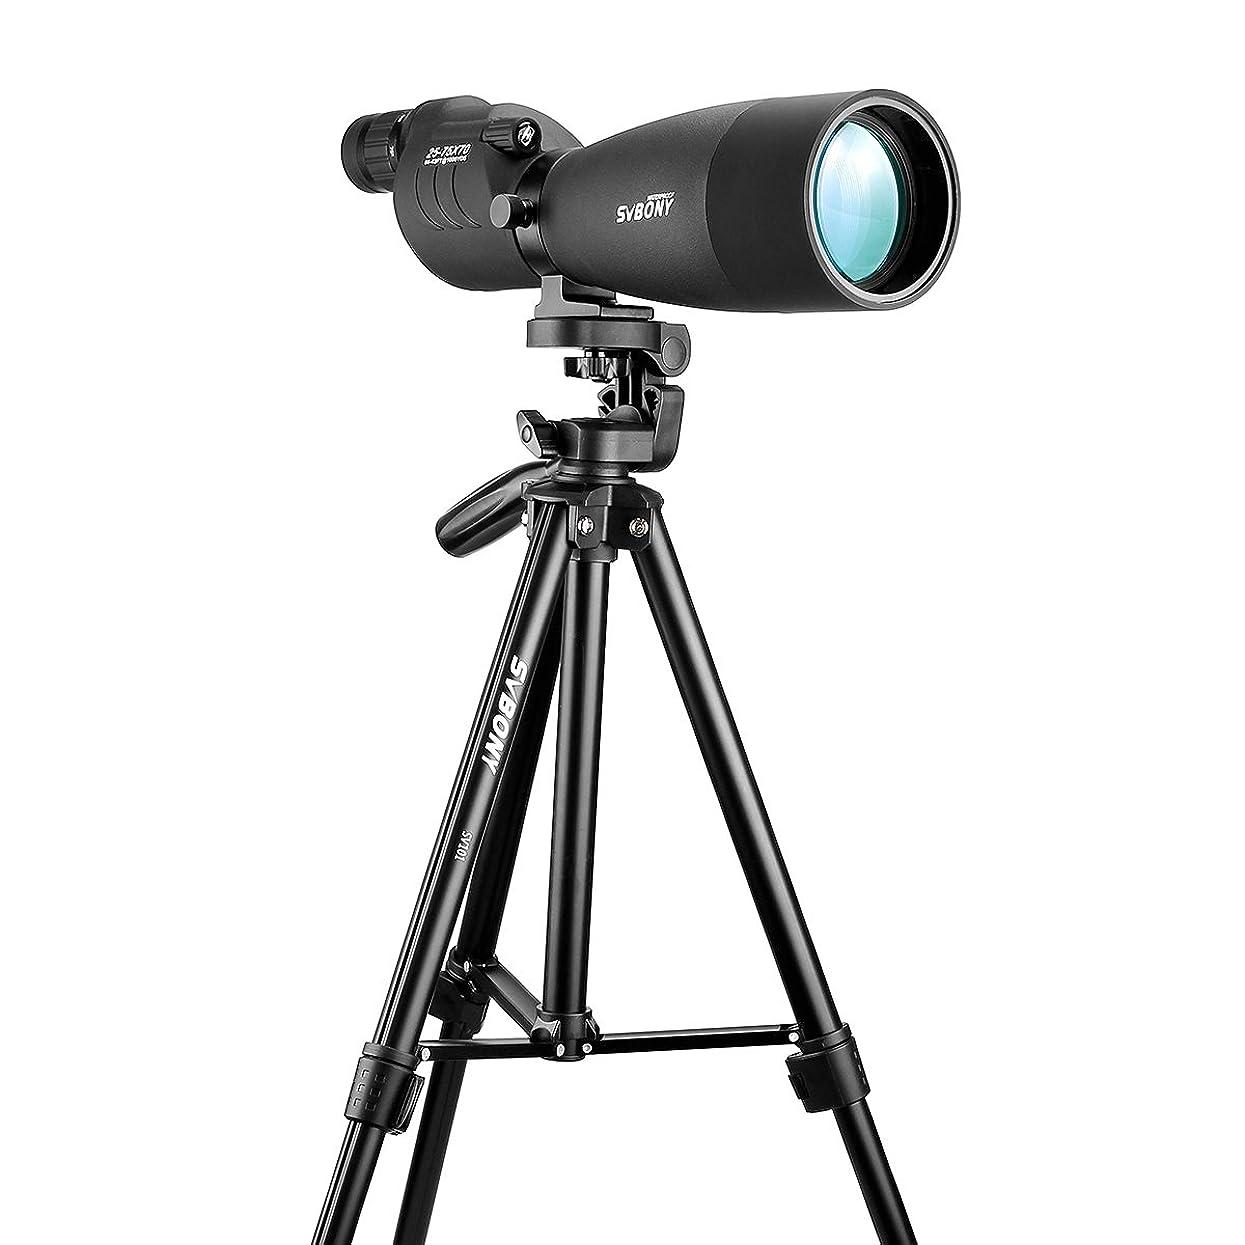 リボン衣類ロッカーSVBONY SV-13 スポッティングスコープ 単眼望遠鏡 フィールドスコープ 高倍率 完全防水 天体観測 野鳥観察 アーチェリー 射撃 日本語マニュアル付き (20-60x80)